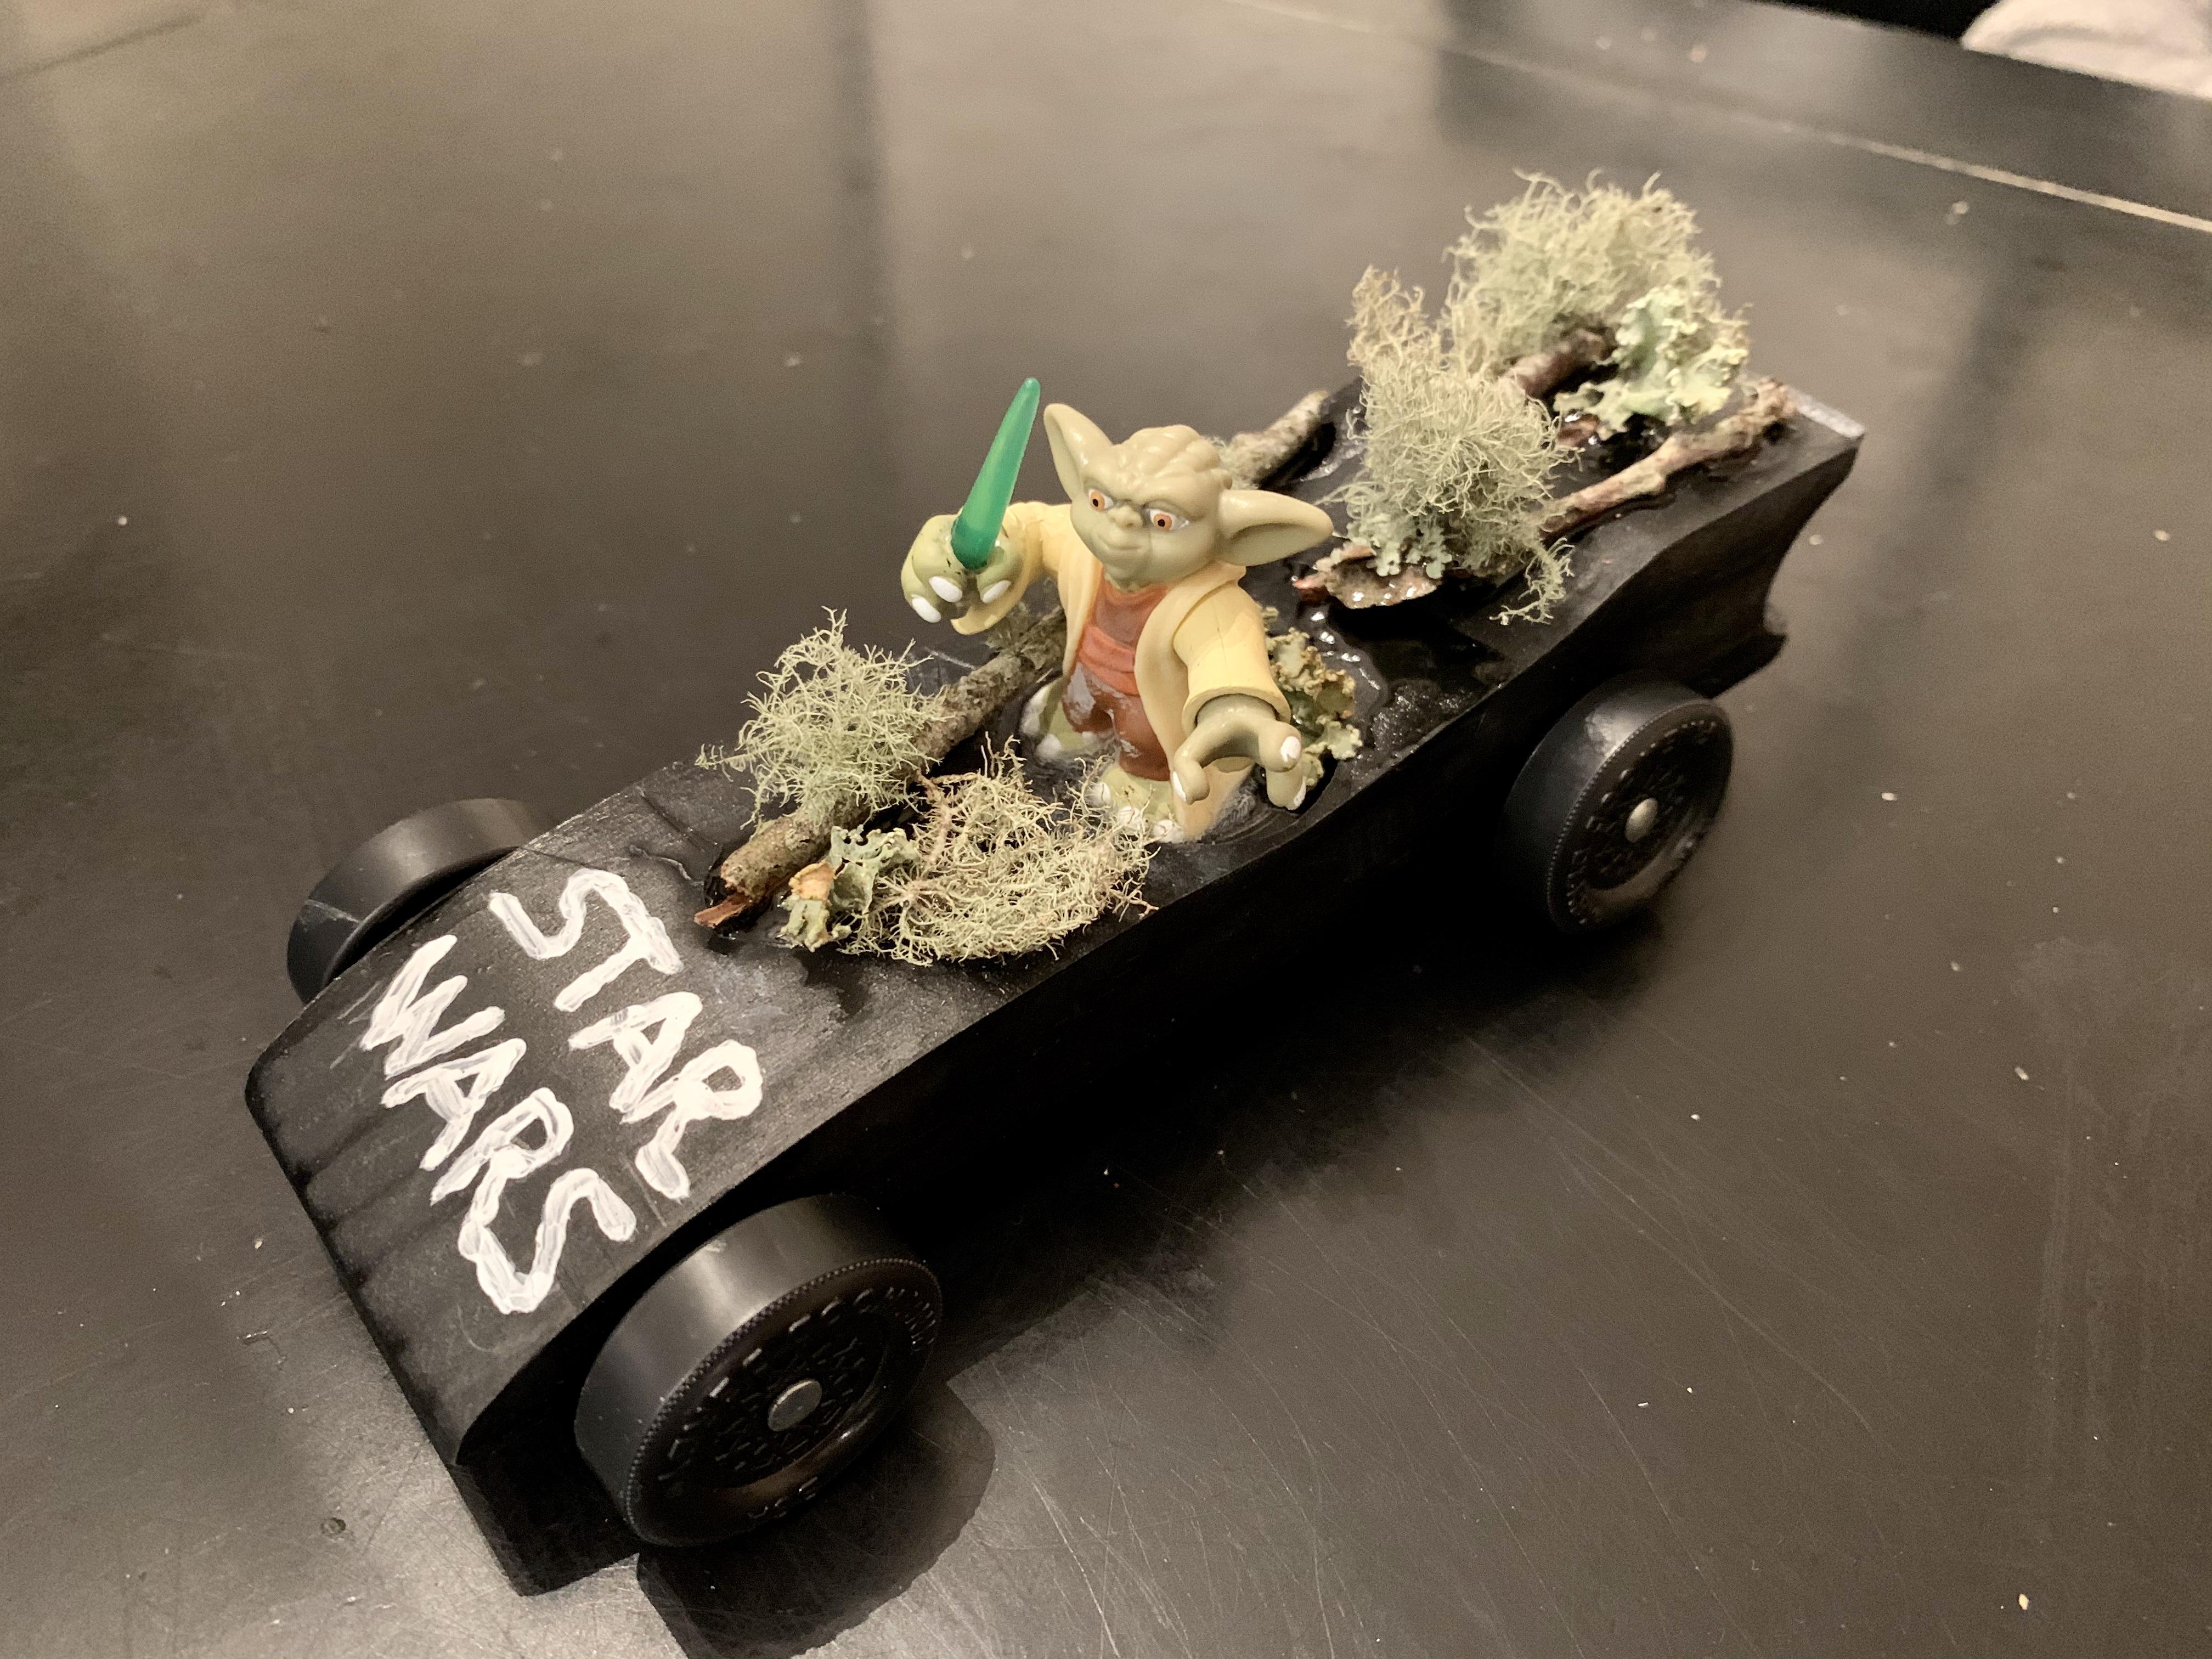 Toy-Yoda